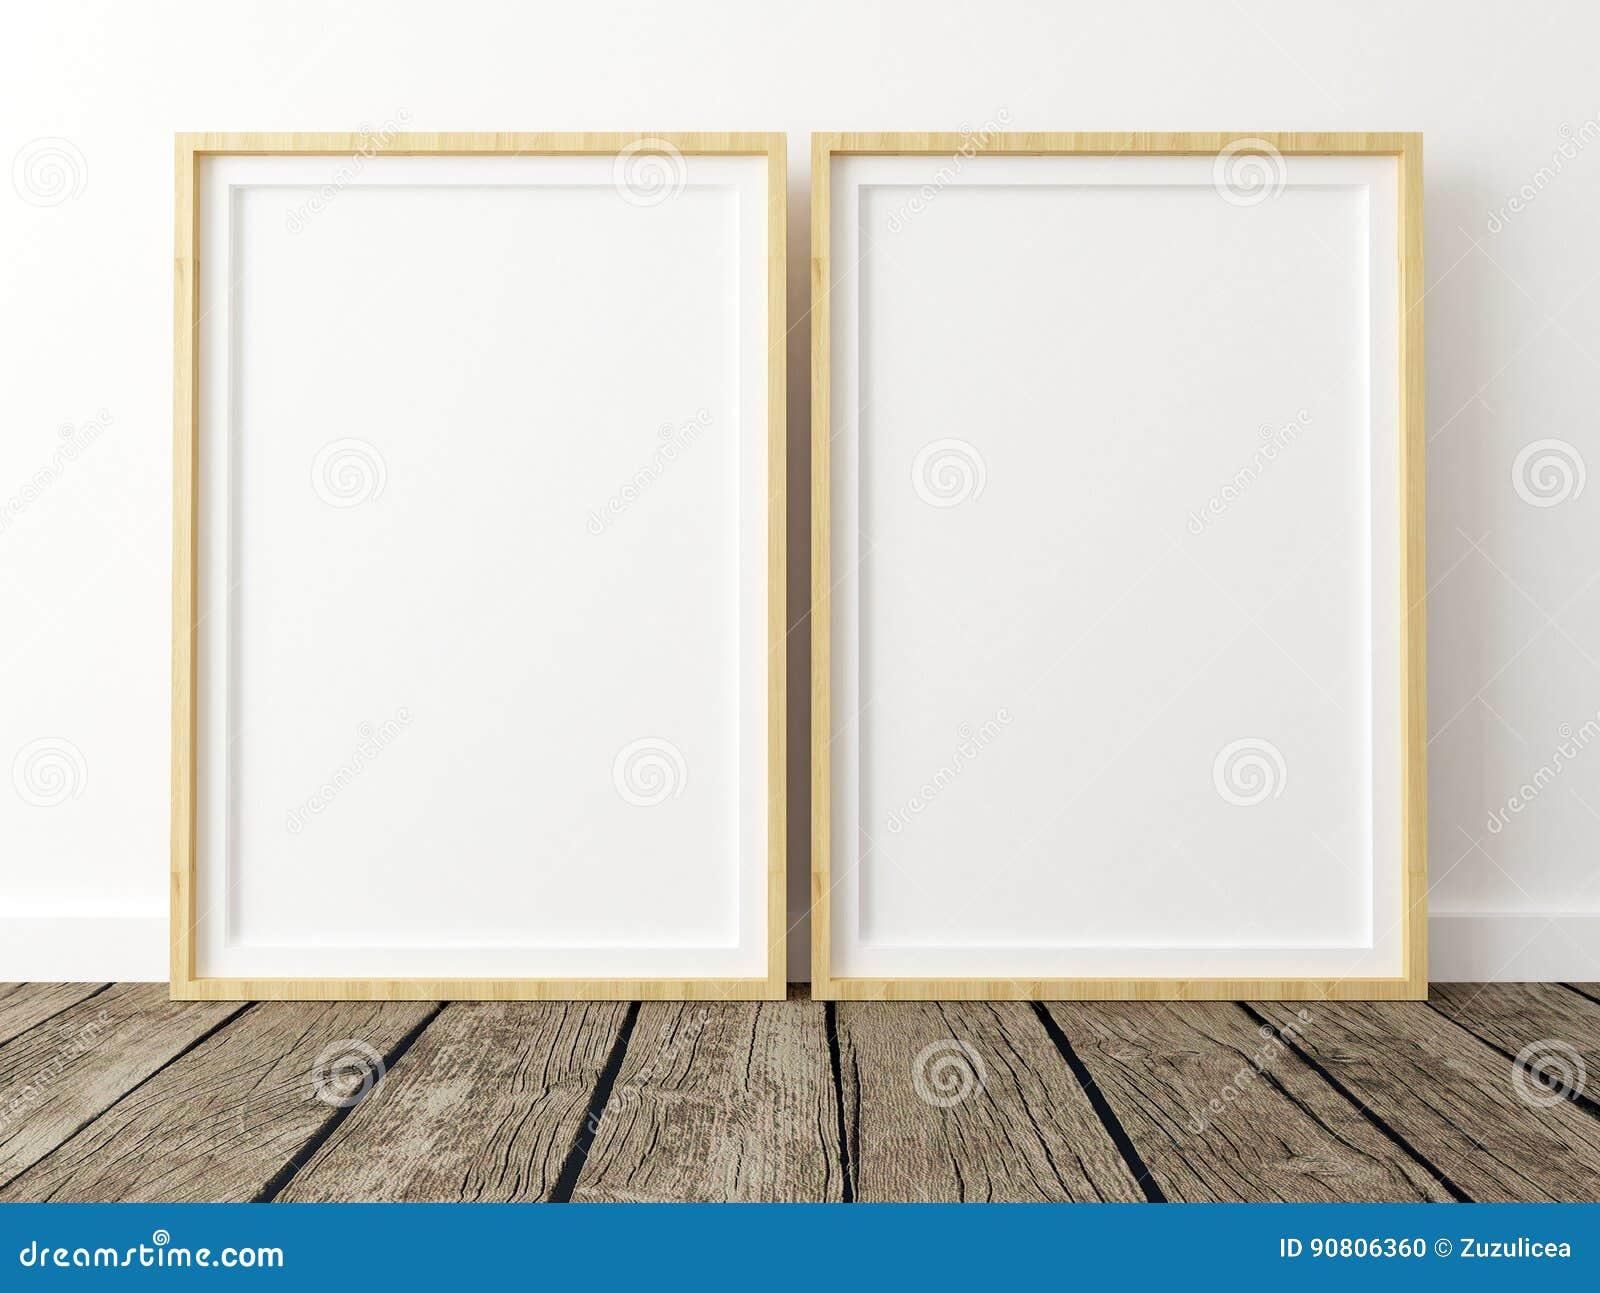 Mock Up Poster, Set Of 2 Frames Stock Illustration - Illustration of ...